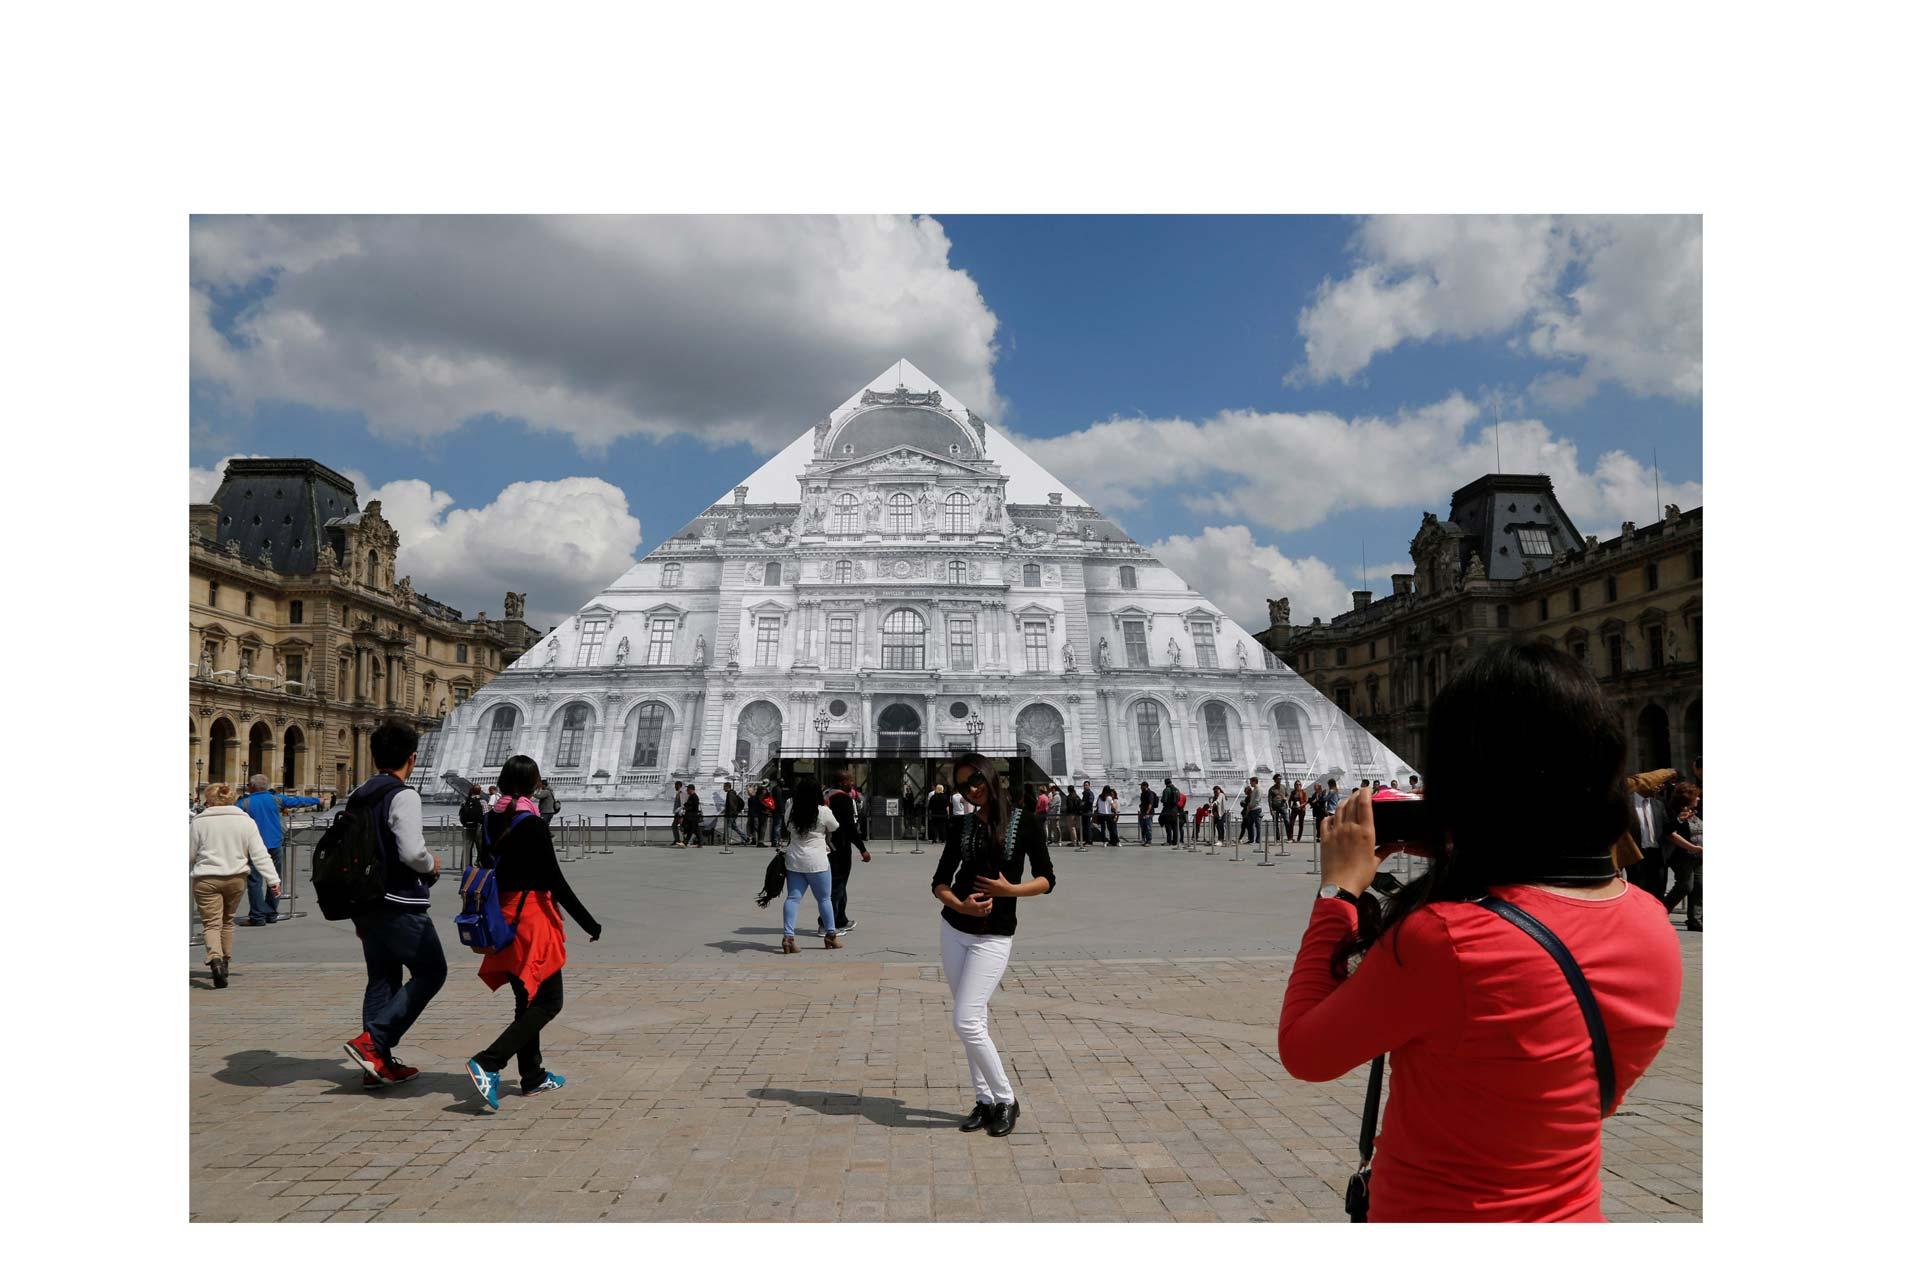 JR logró una trampa óptica frente a la estructura de cristal ubicada frente al Museo del Louvre de París